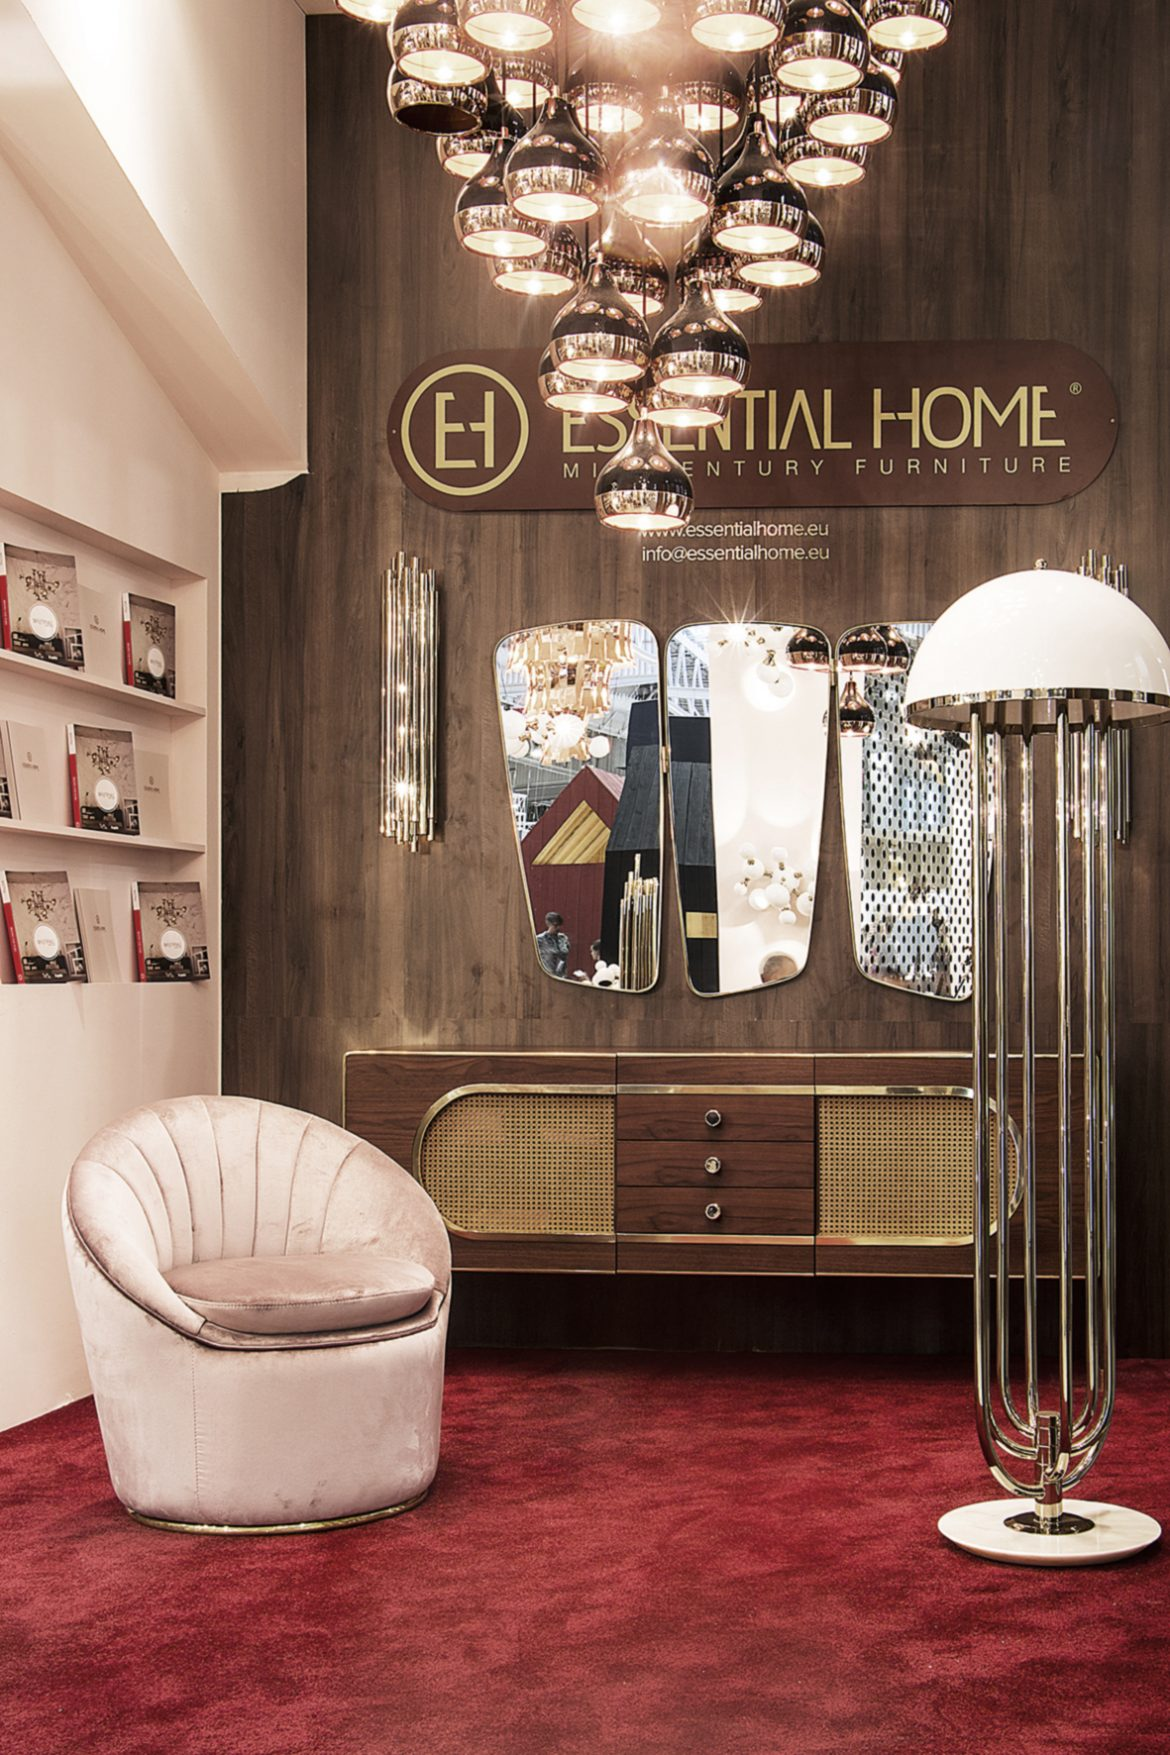 Essential Home et Maison & Objet: Encore plus proche de vous.